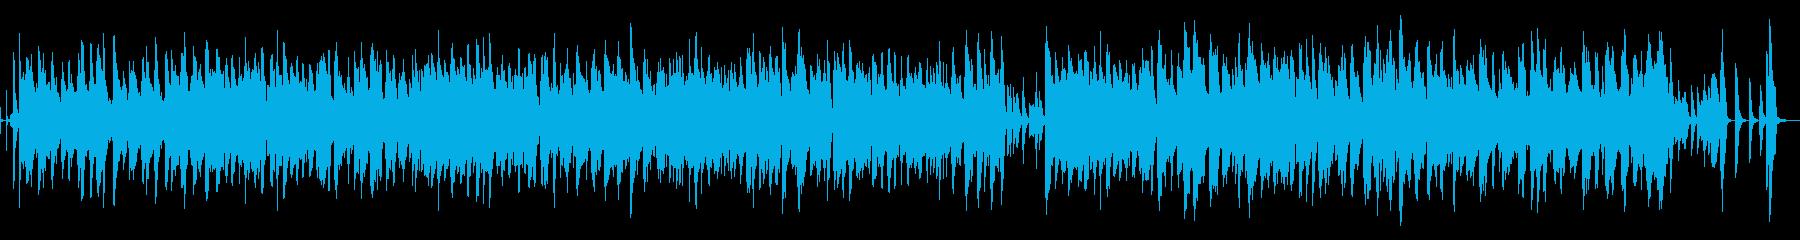 おしゃれで軽快なジャズ楽曲の再生済みの波形